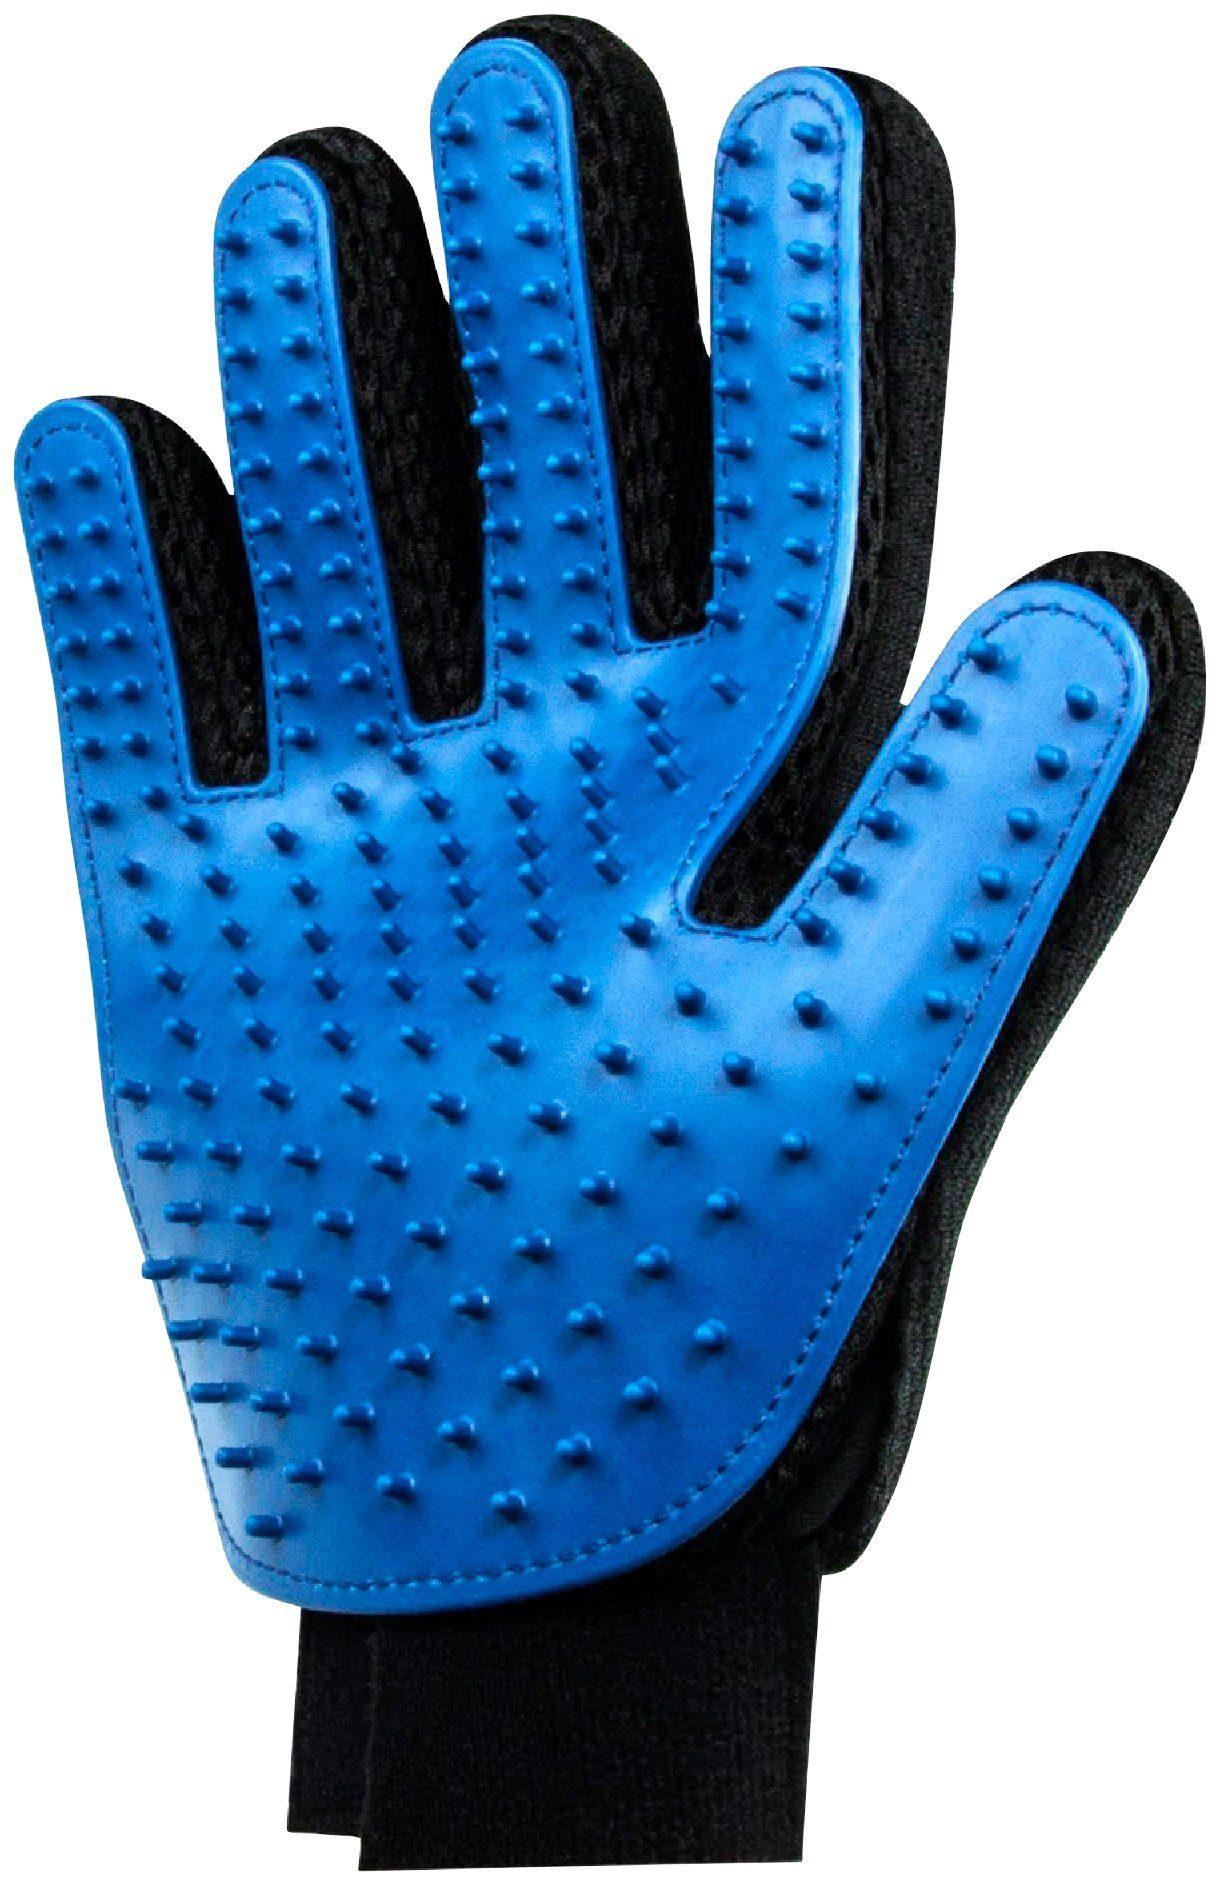 HEIM Fellpflege-Handschuh 2 Stück mit Gummiborsten